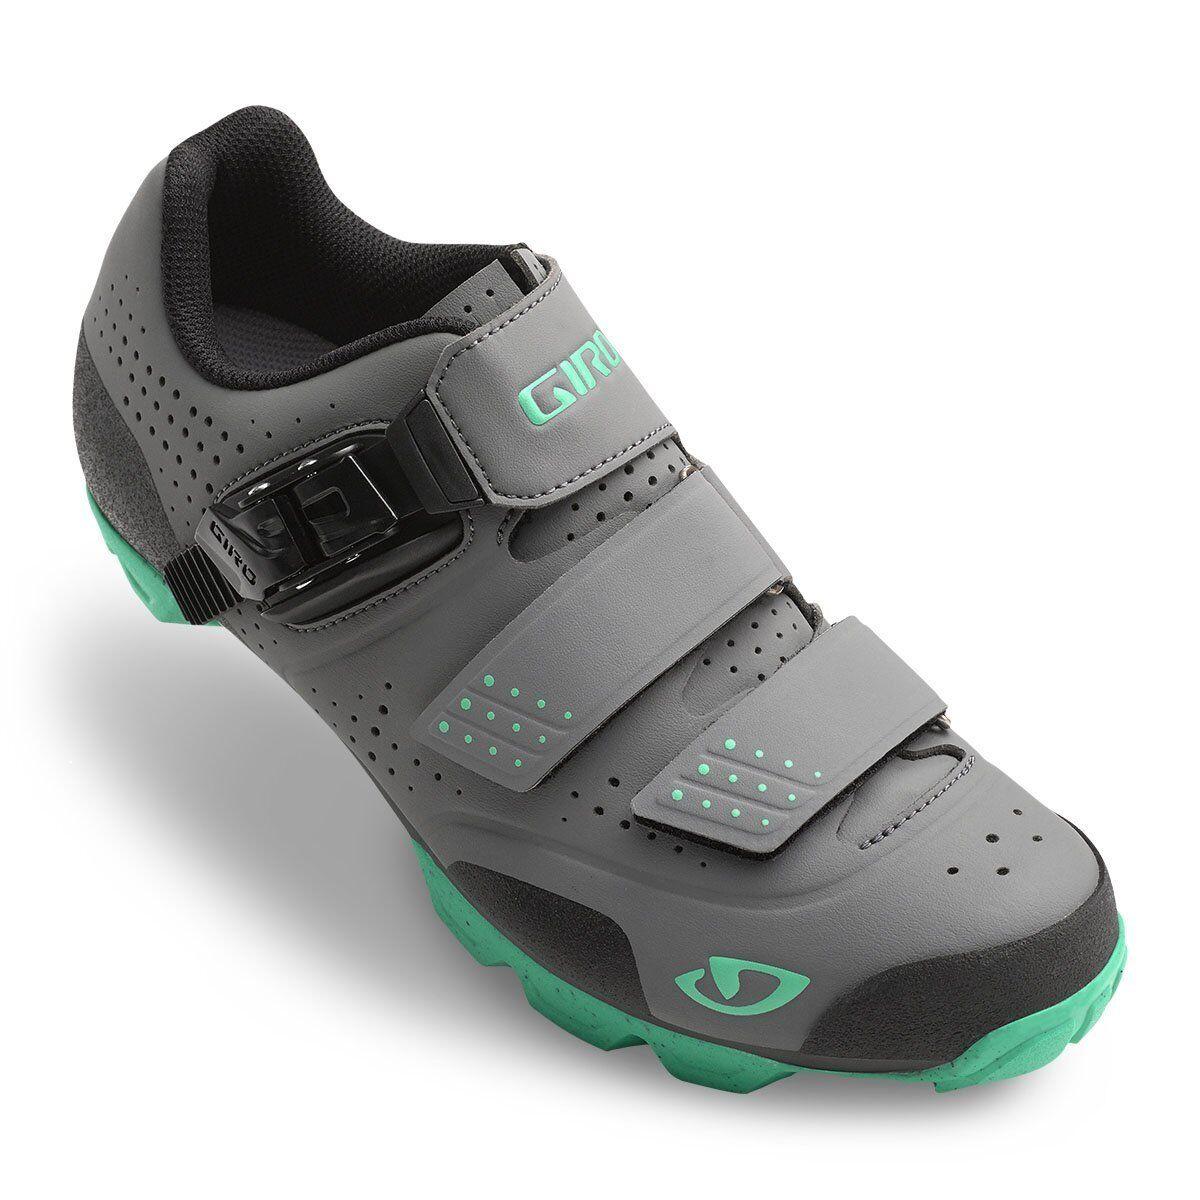 Giro Manta R Wouomo Cycling scarpe